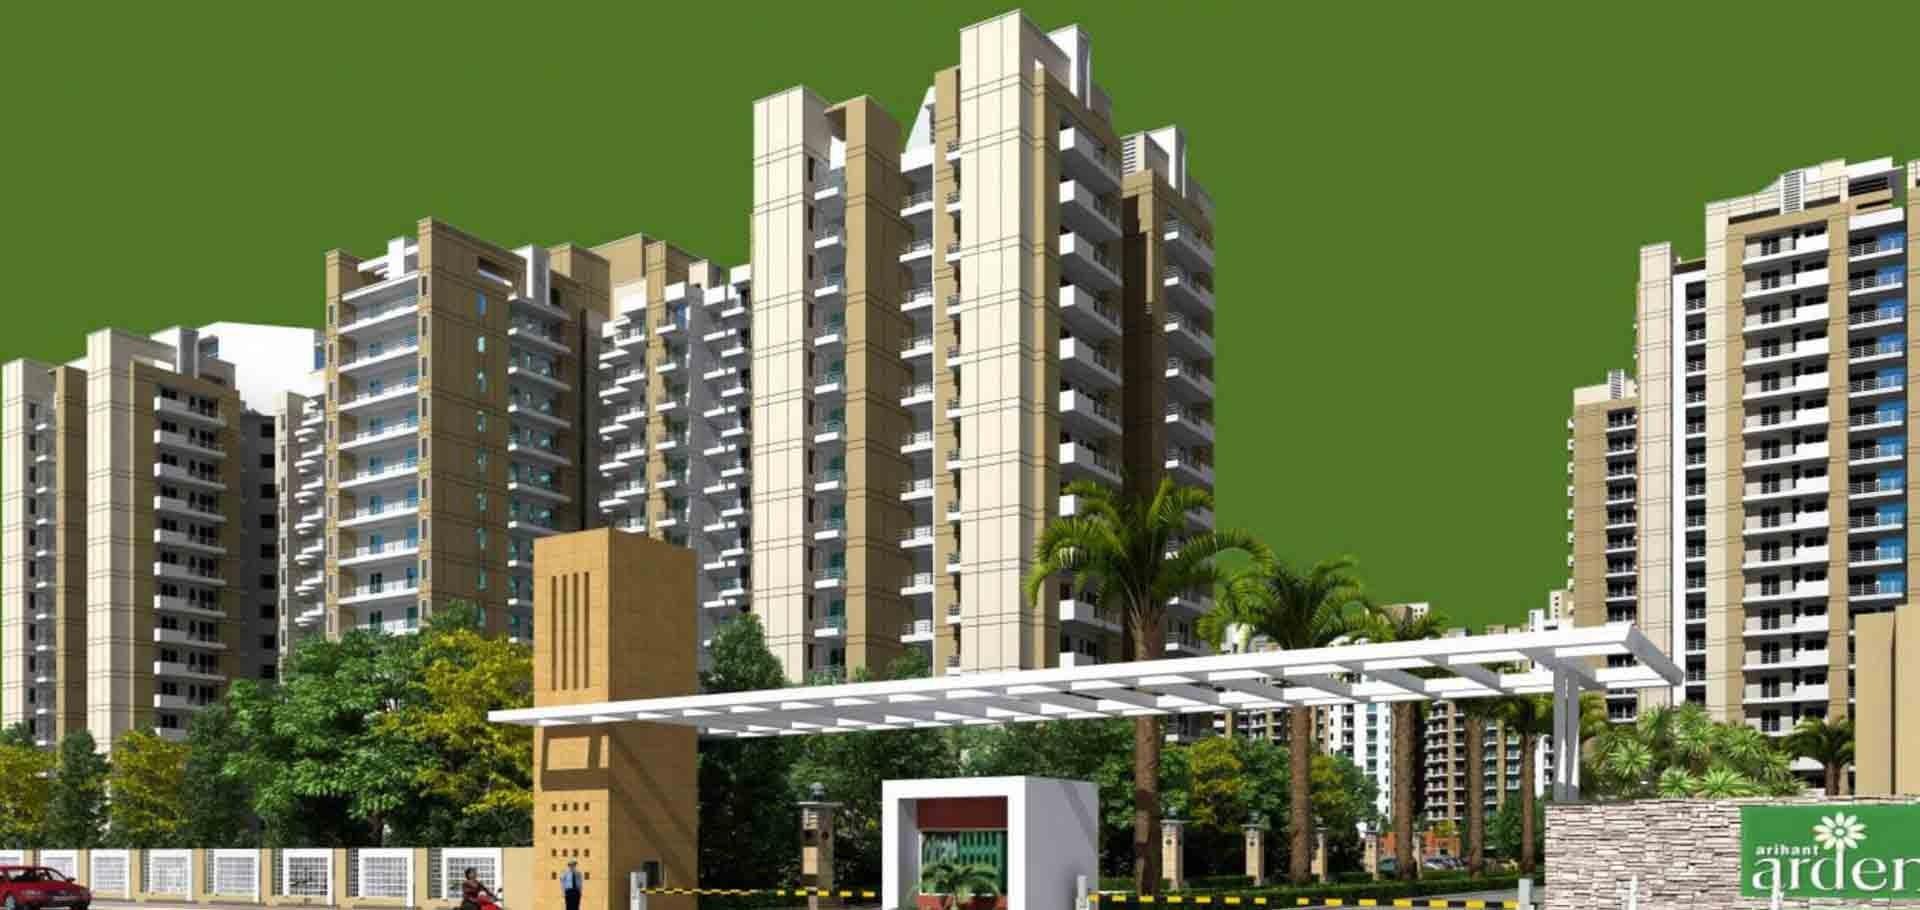 Arihant Arden Noida Extension